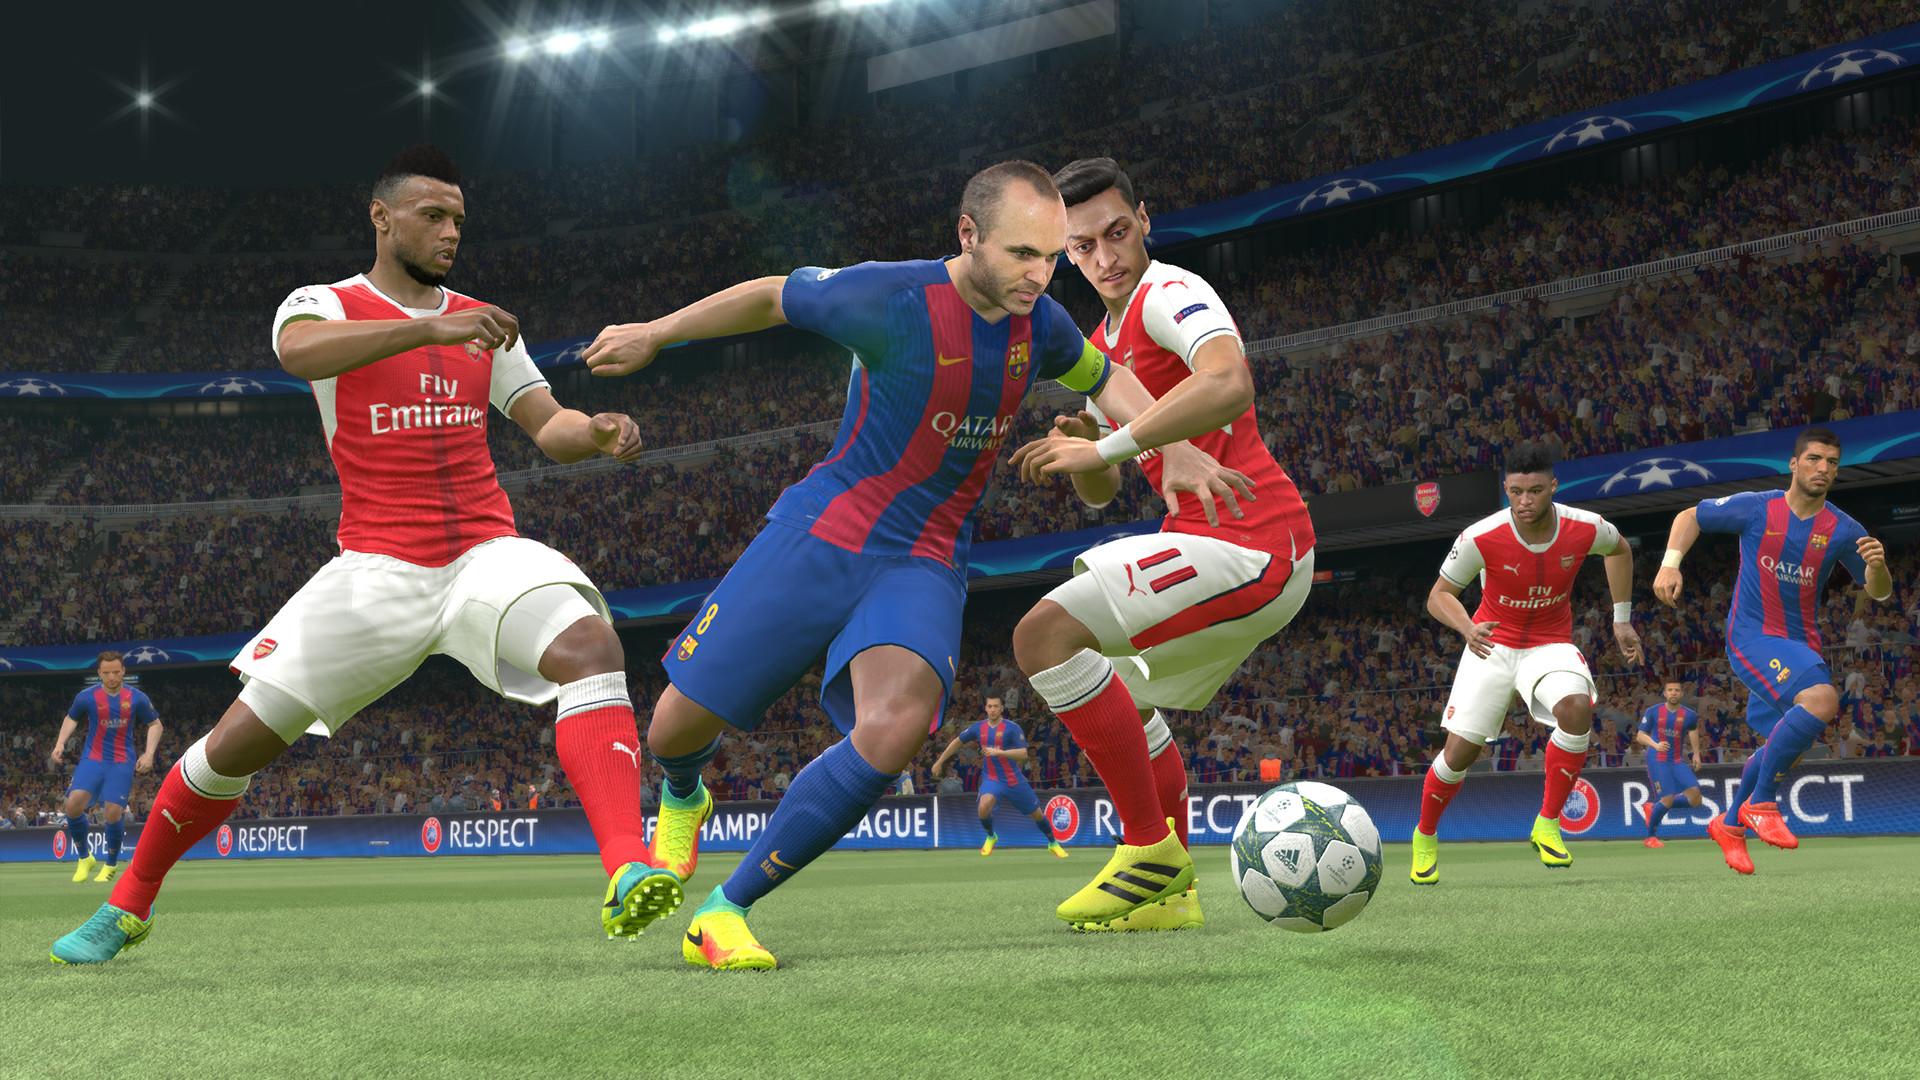 Pro Evolution Soccer 2017 image 2